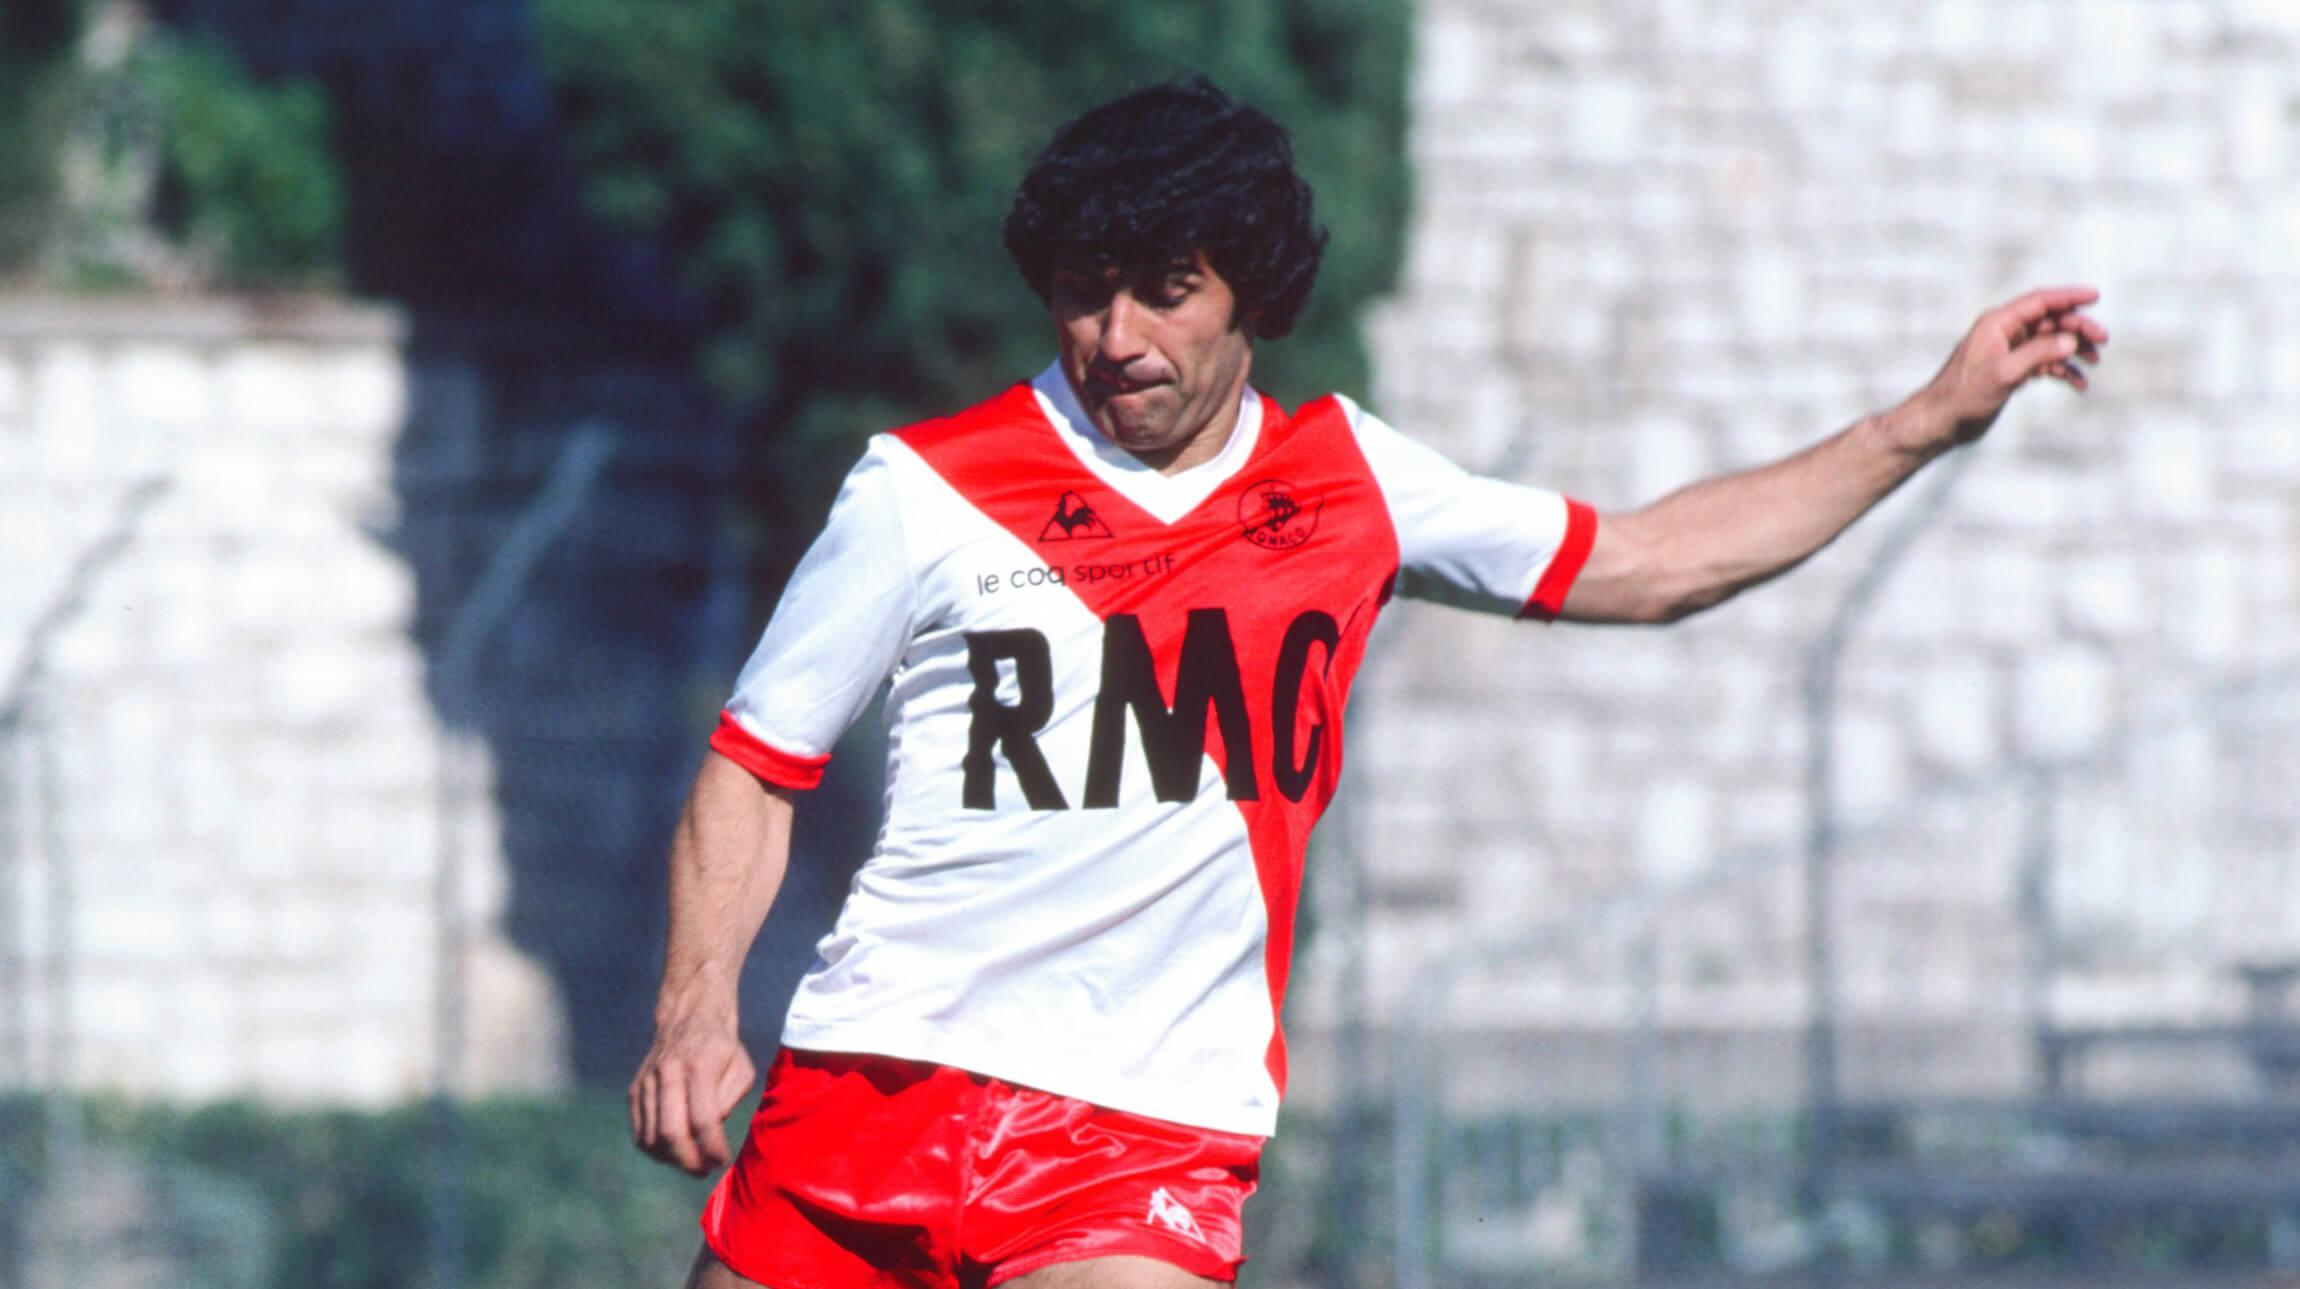 Delio Onnis, el máximo goleador histórico del AS Monaco